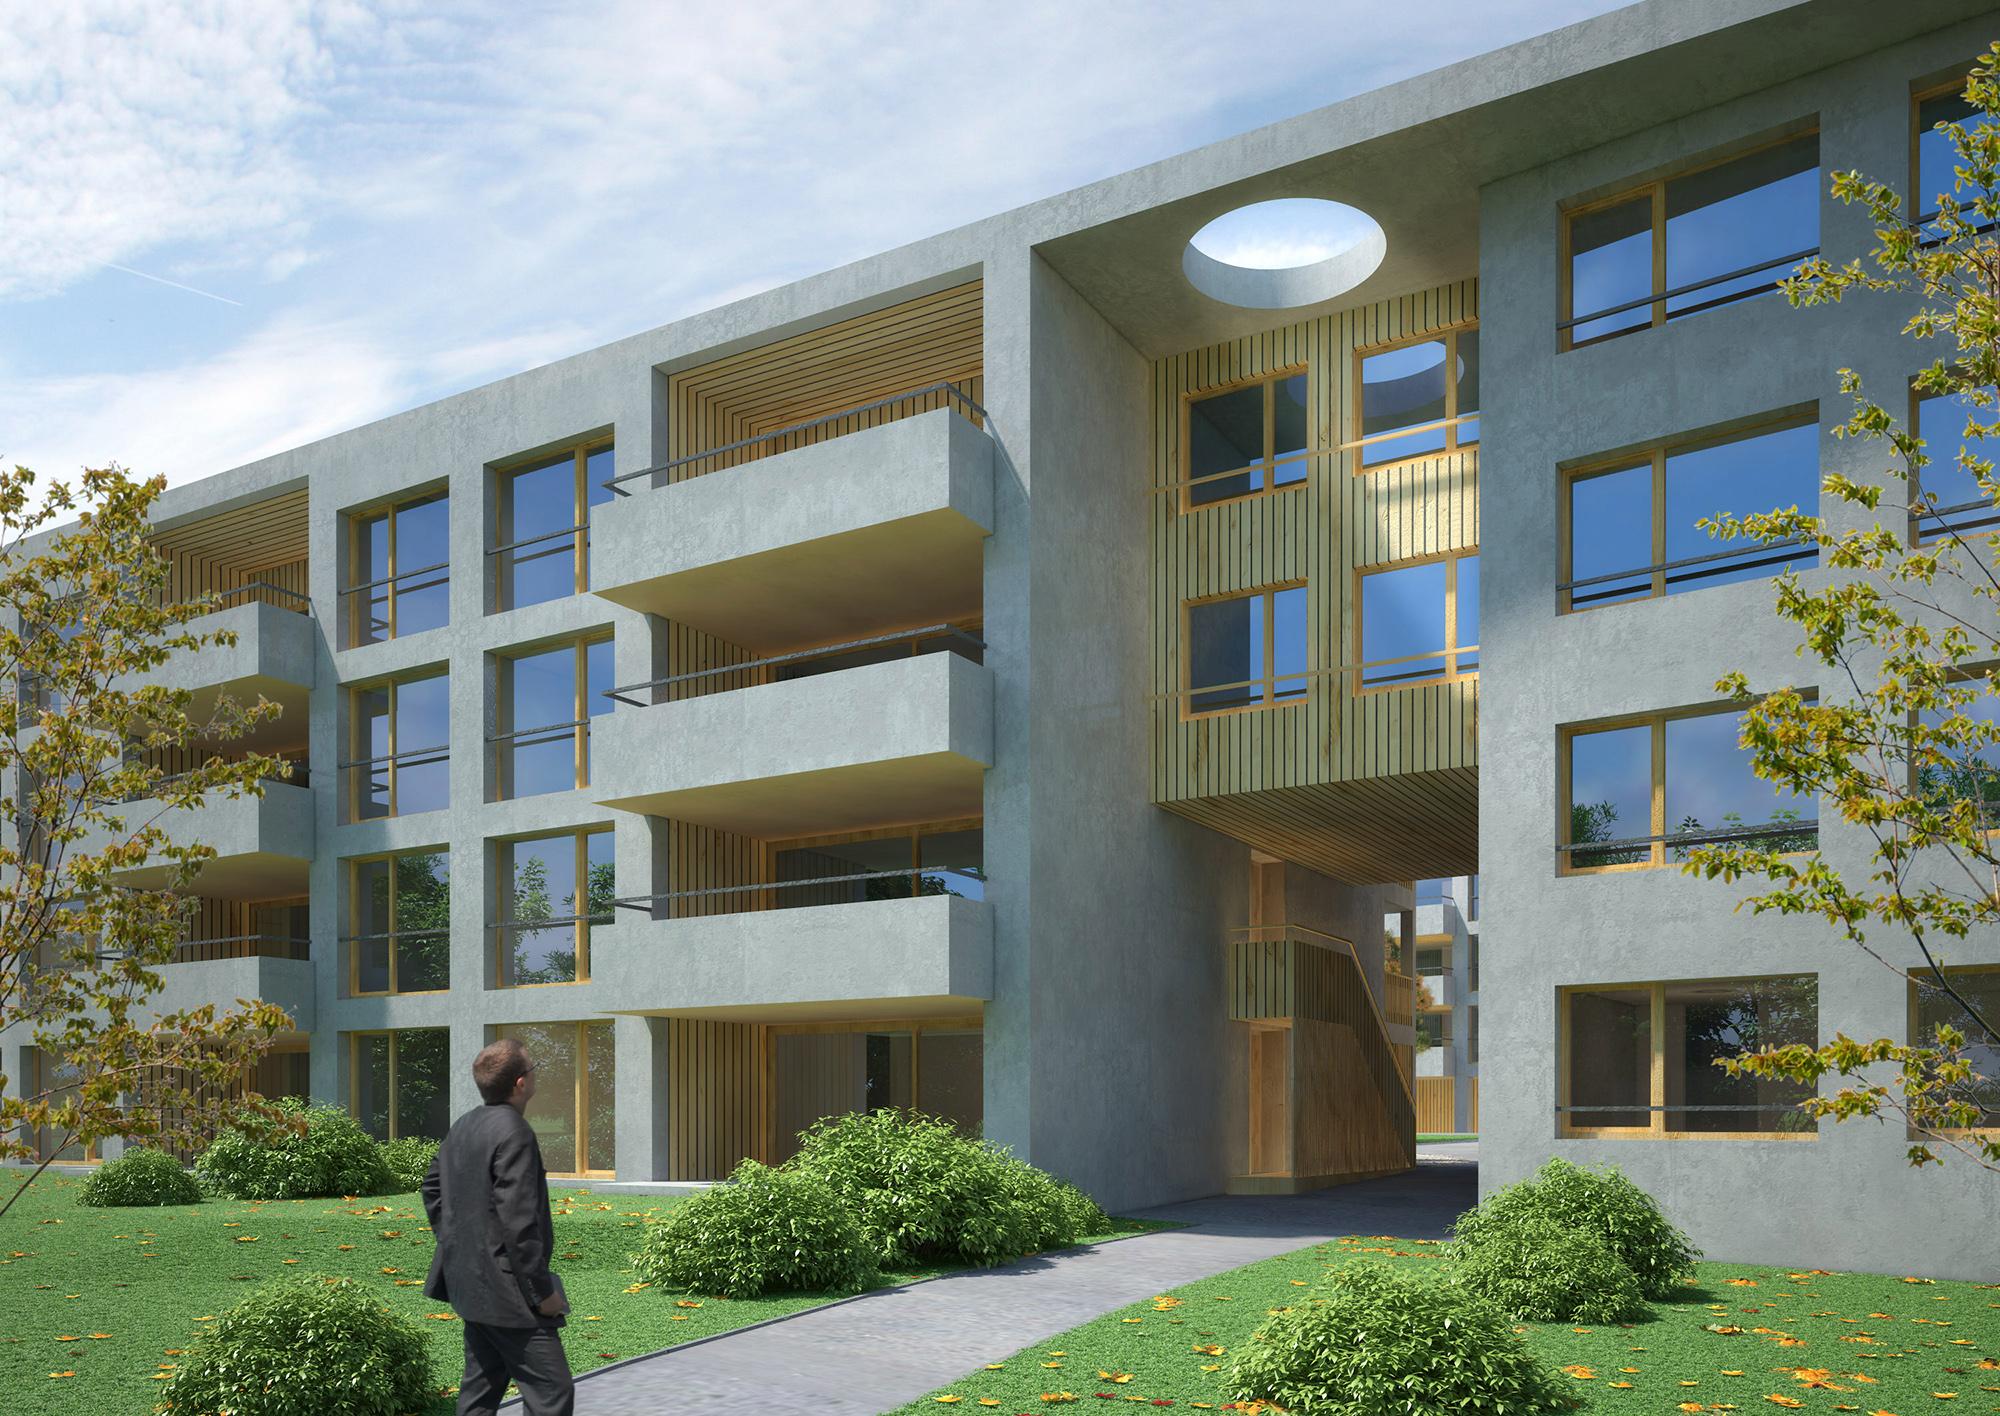 Anjana Perera Visualisierung - Wohnbebauung Sonnenfeld - mit Air Architekten AG, Kreuzlingen